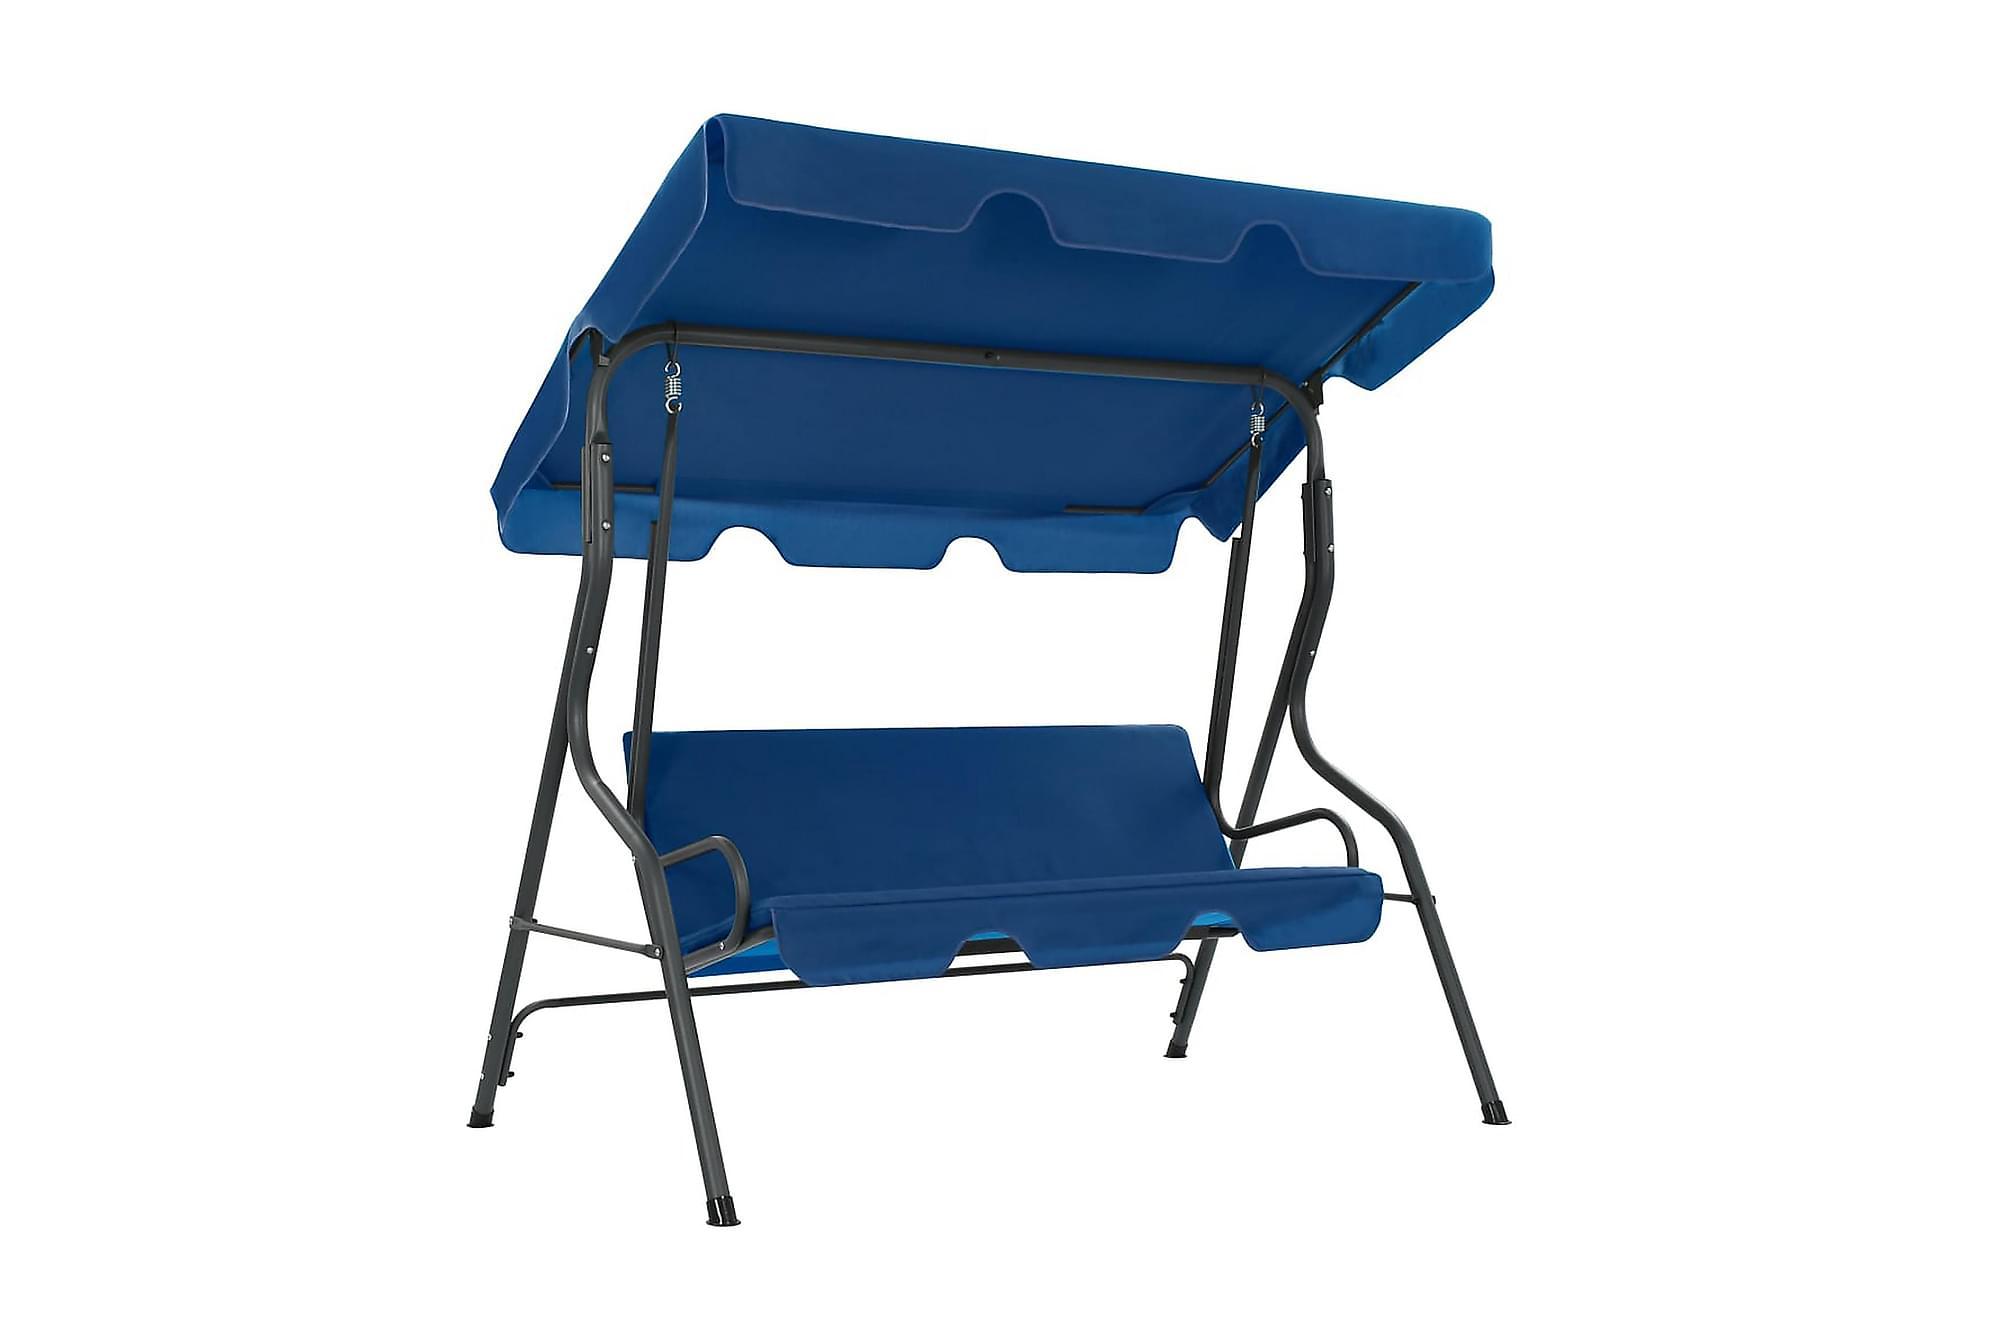 Hammock blå 170x110x153 cm tyg